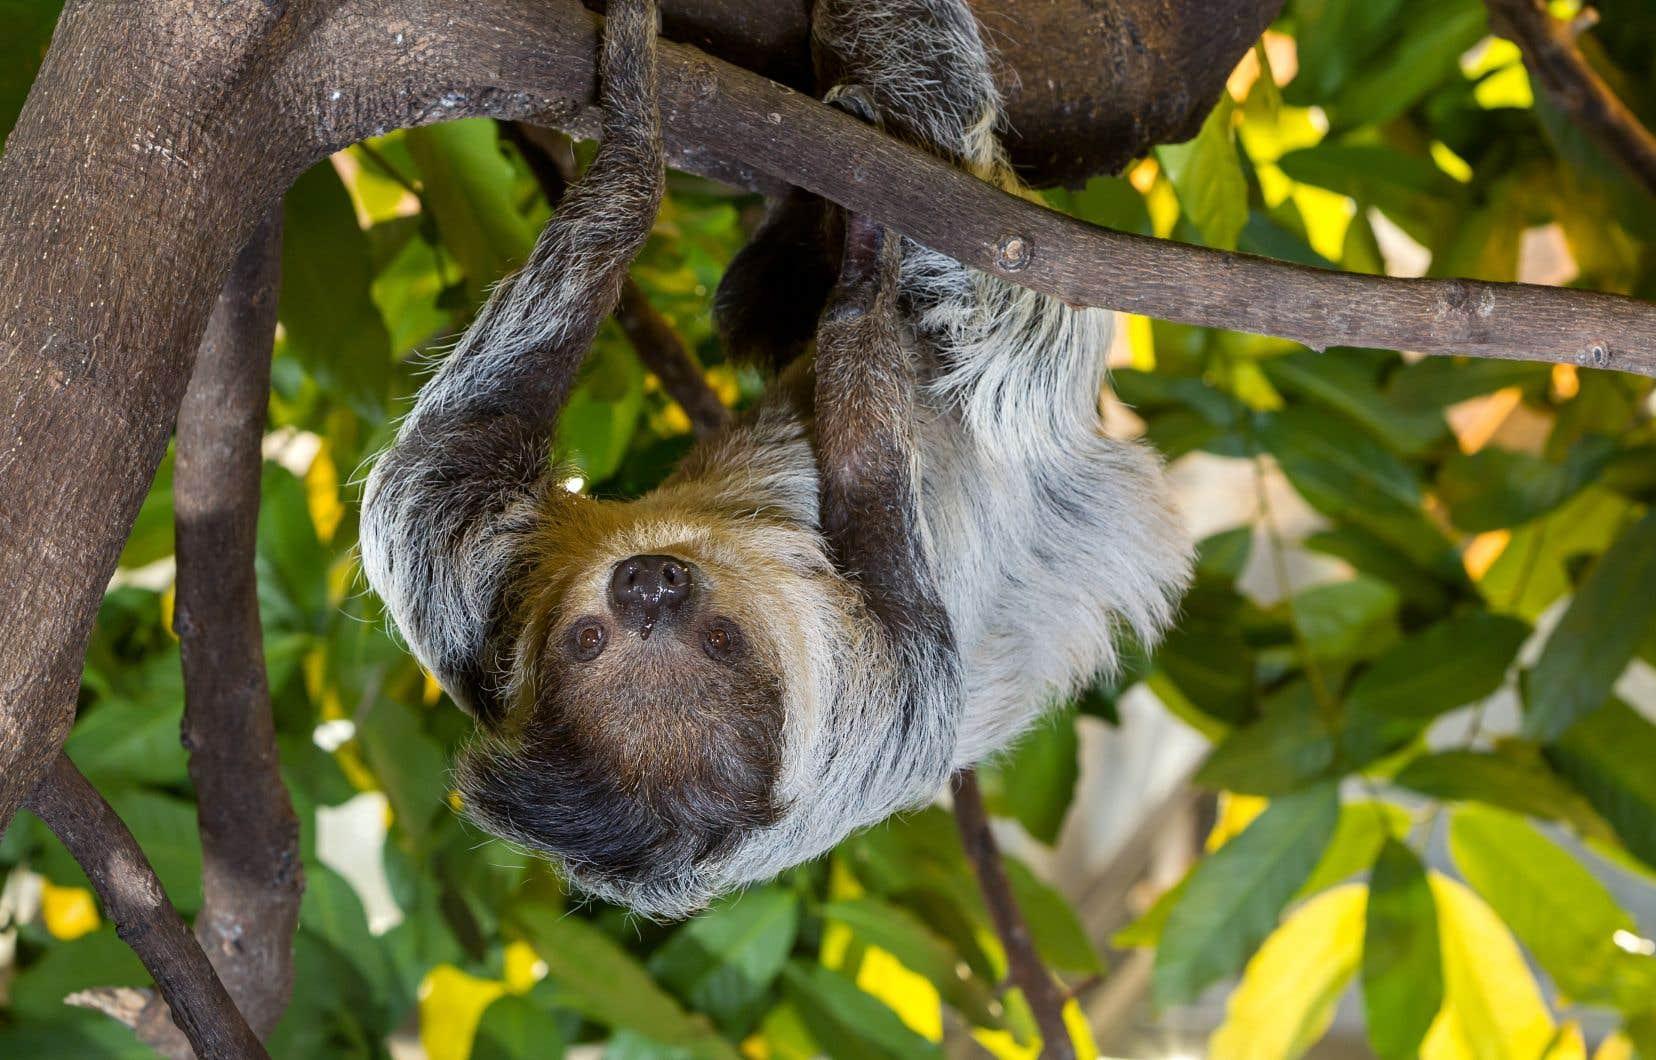 Au Biodôme, les visiteurs peuvent voyager à travers différents écosystèmes et découvrir le paresseux à deux doigts austral, entre autres.